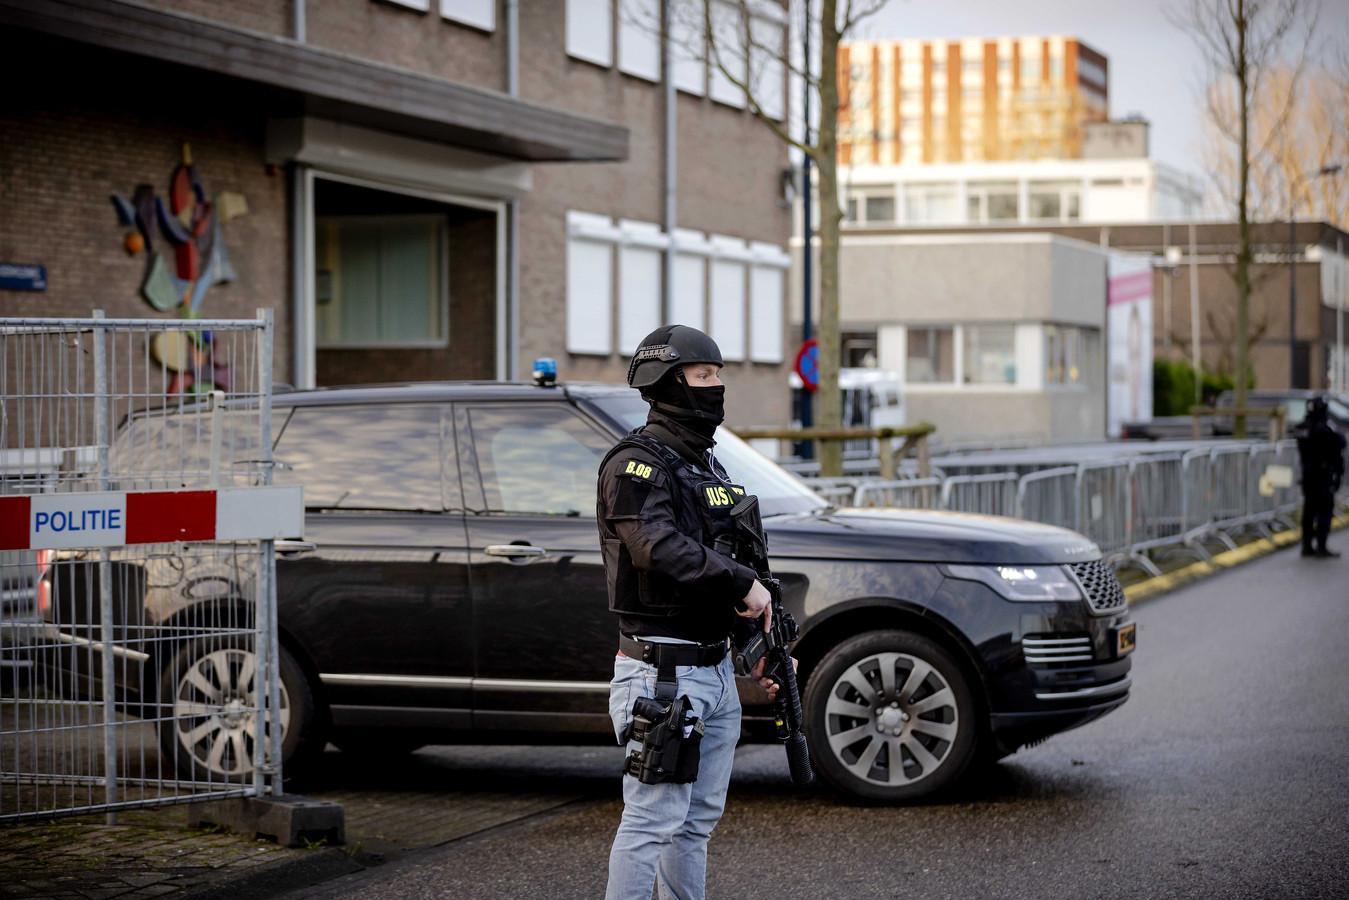 Een beveiligde auto komt aan bij De Bunker, de extra beveiligde rechtbank in Amsterdam Osdorp, voor het Marengo-proces.